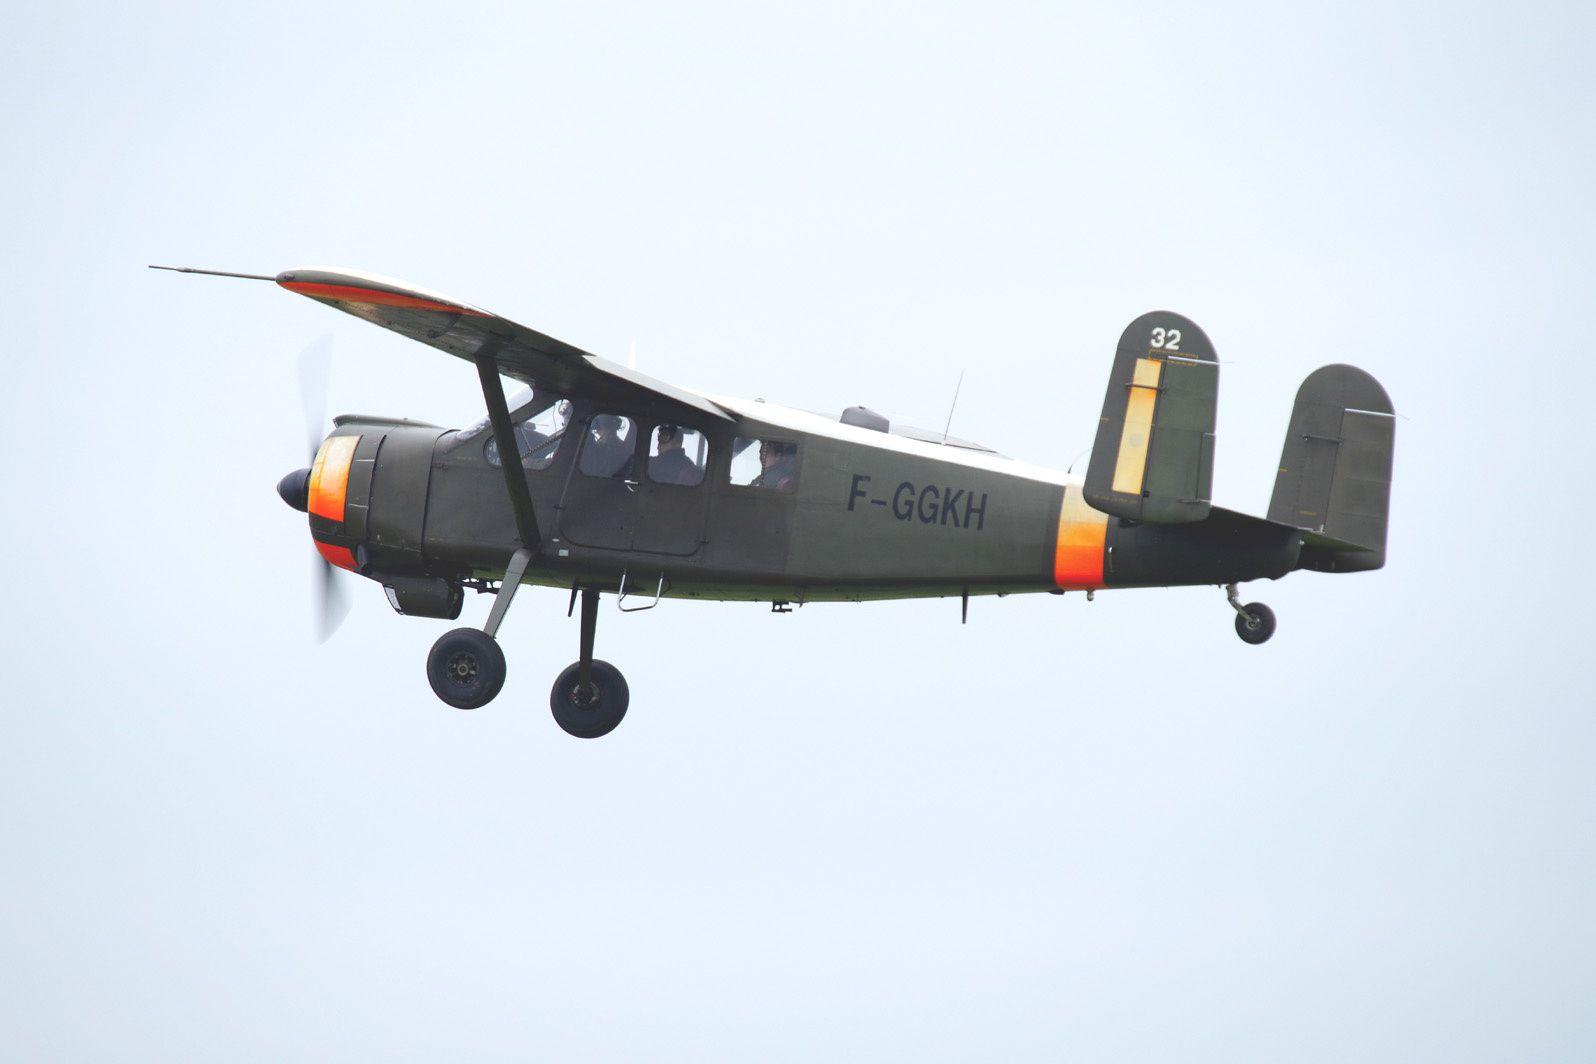 Le Max Holste 1521 Broussard N°32 F-GGKH au décollage.